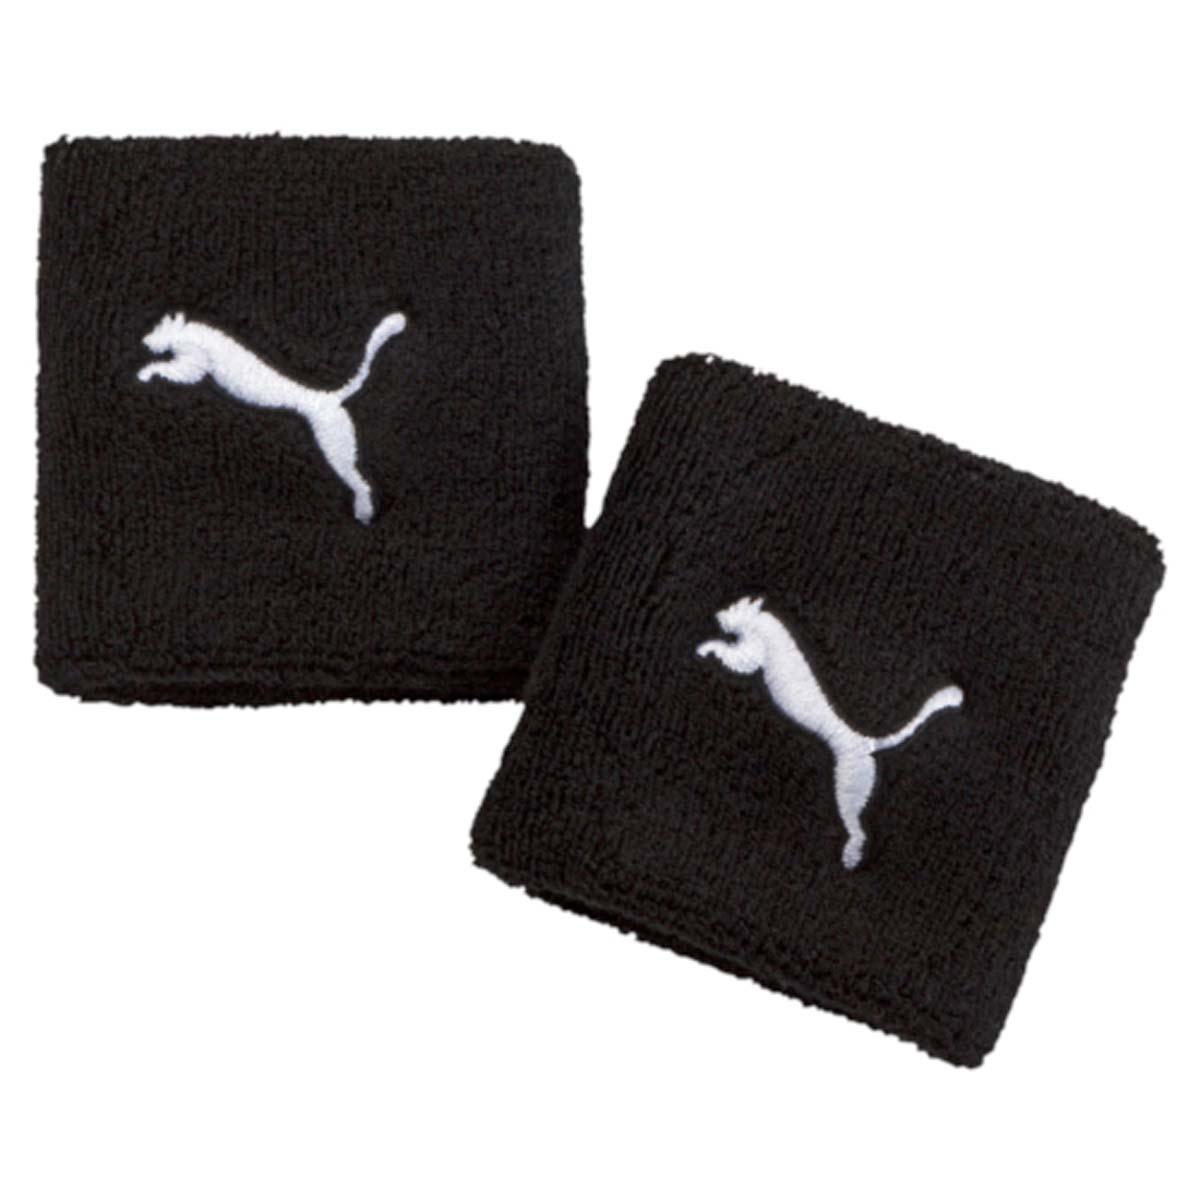 Напульсник Puma Tr Wristbands, цвет: черный, 2 шт. 05314701. Размер универсальный05314701Не стоит волноваться о лишней влаге, которая может помешать занятиям, с новыми напульсниками от Puma. Модель оформлена вшитым логотипом бренда.